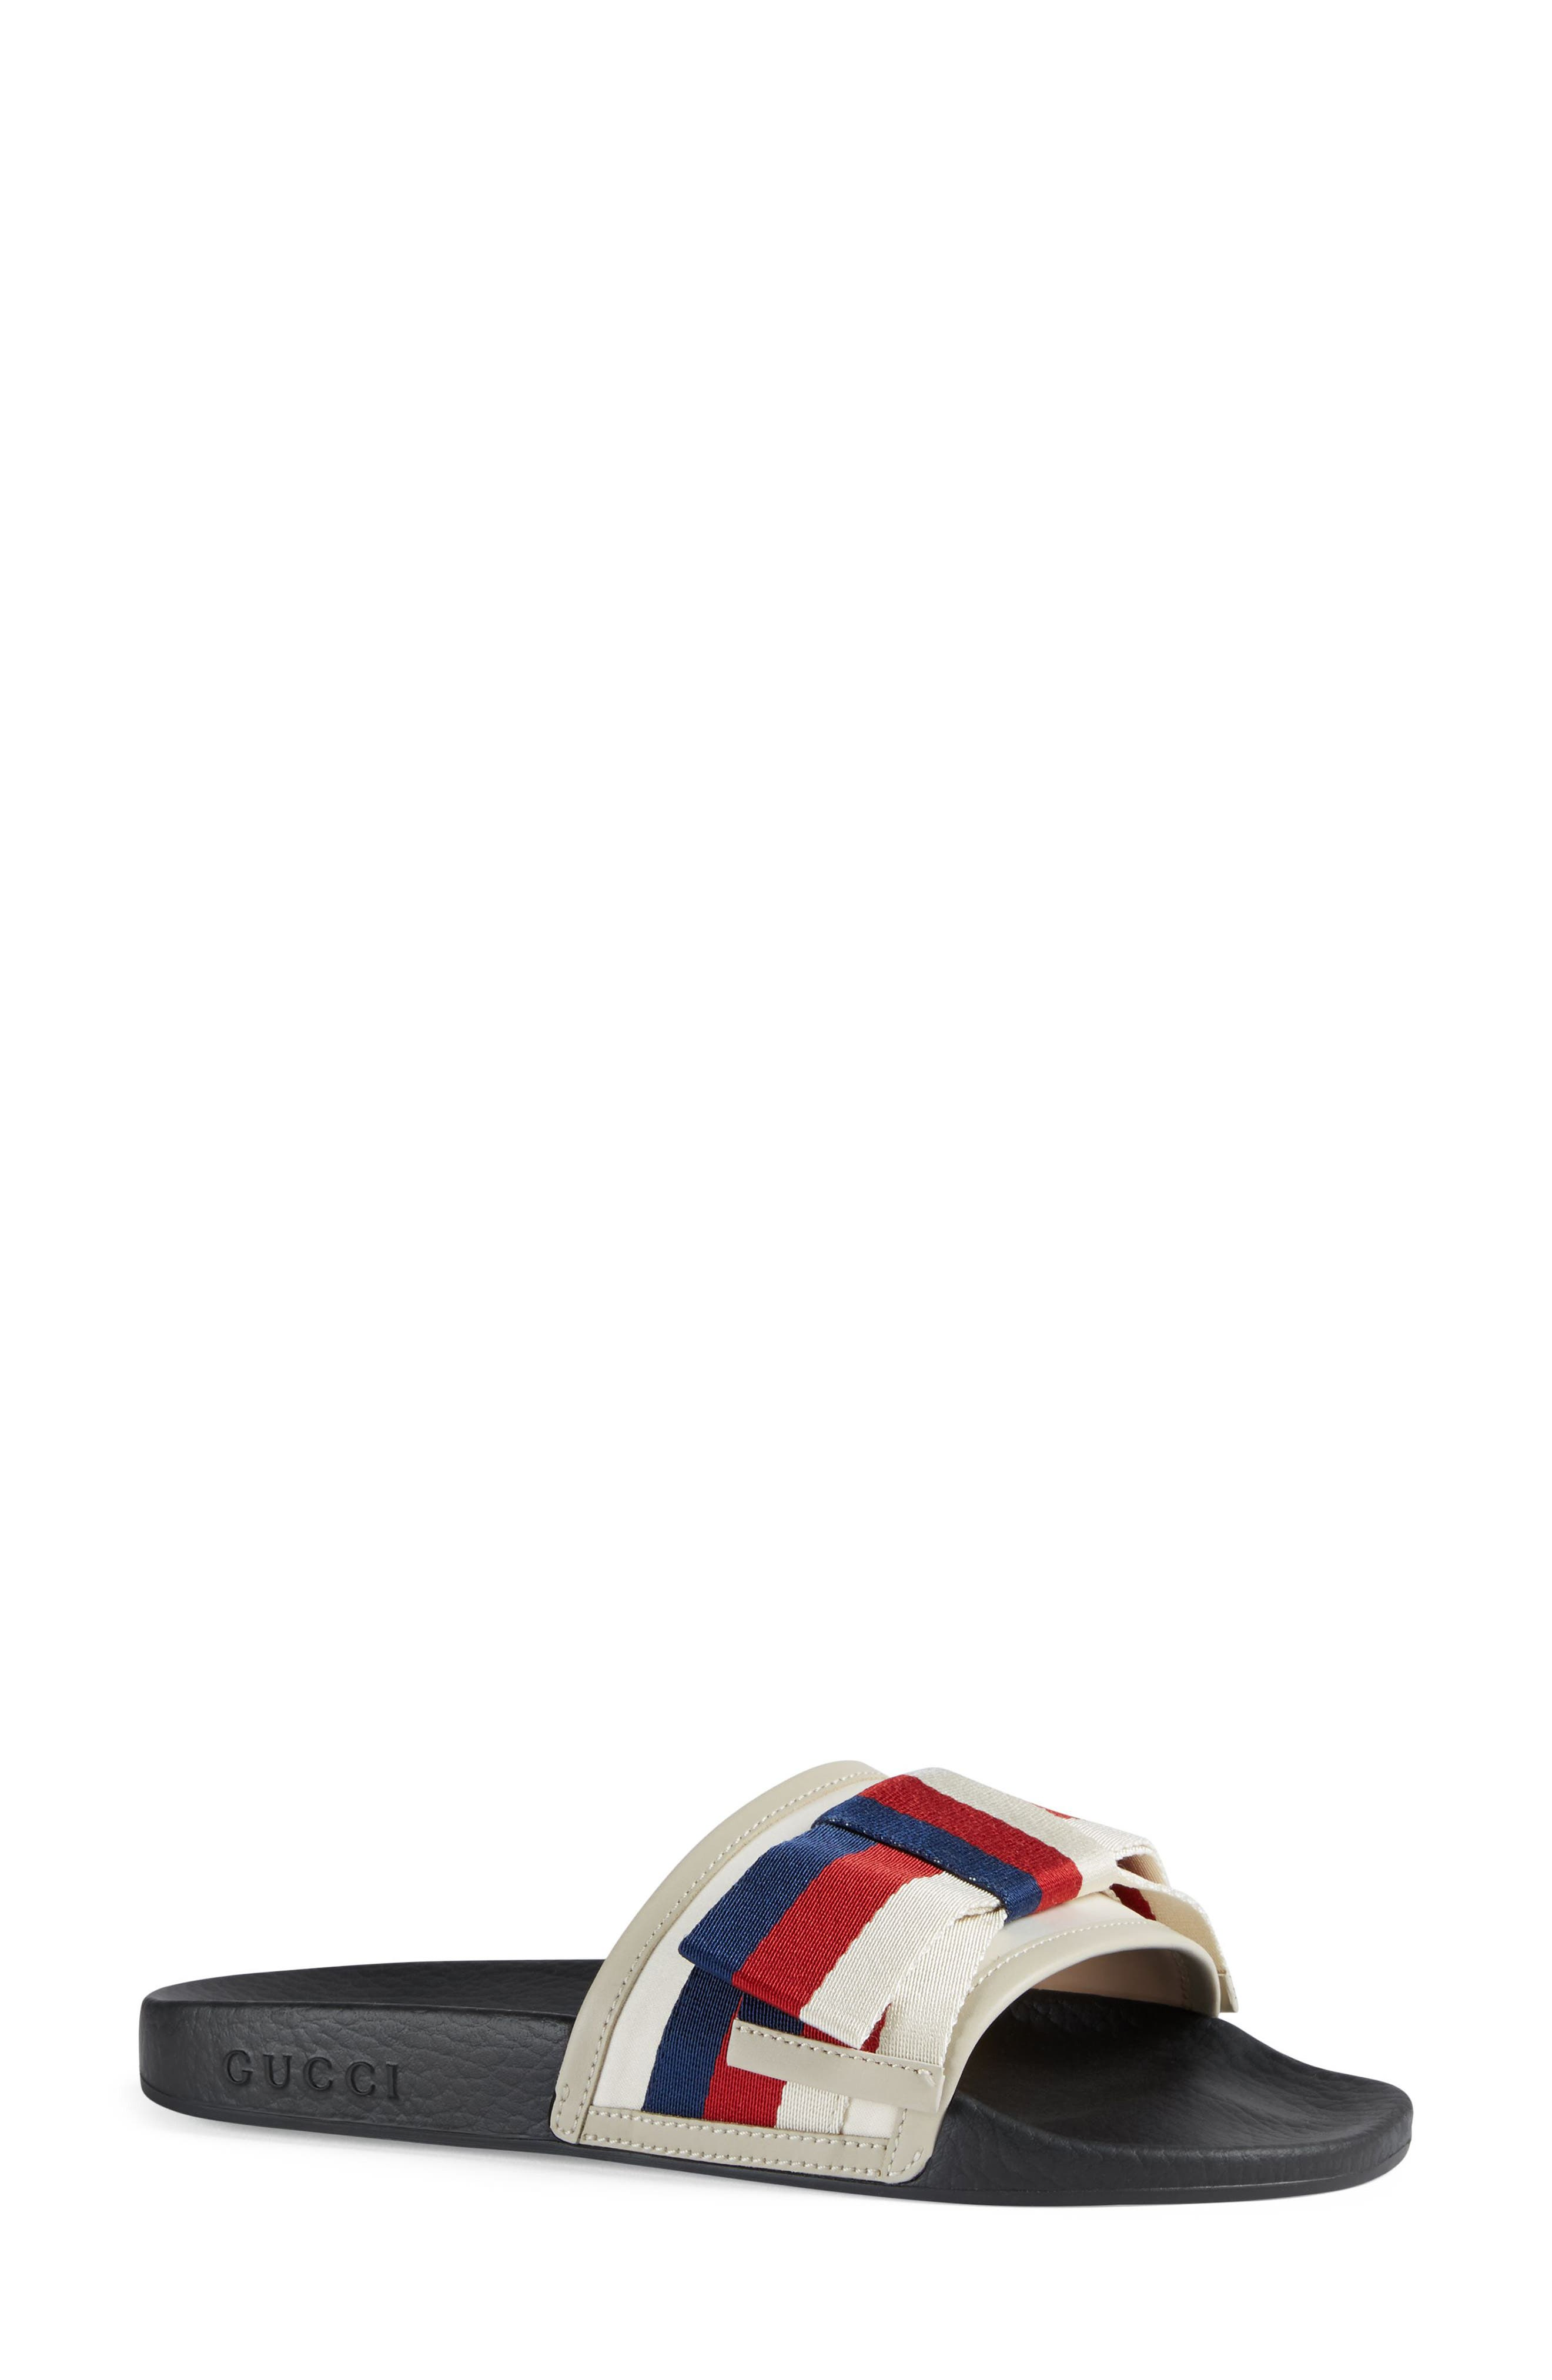 Pursuit Bow Slide Sandal,                             Main thumbnail 1, color,                             Ivory